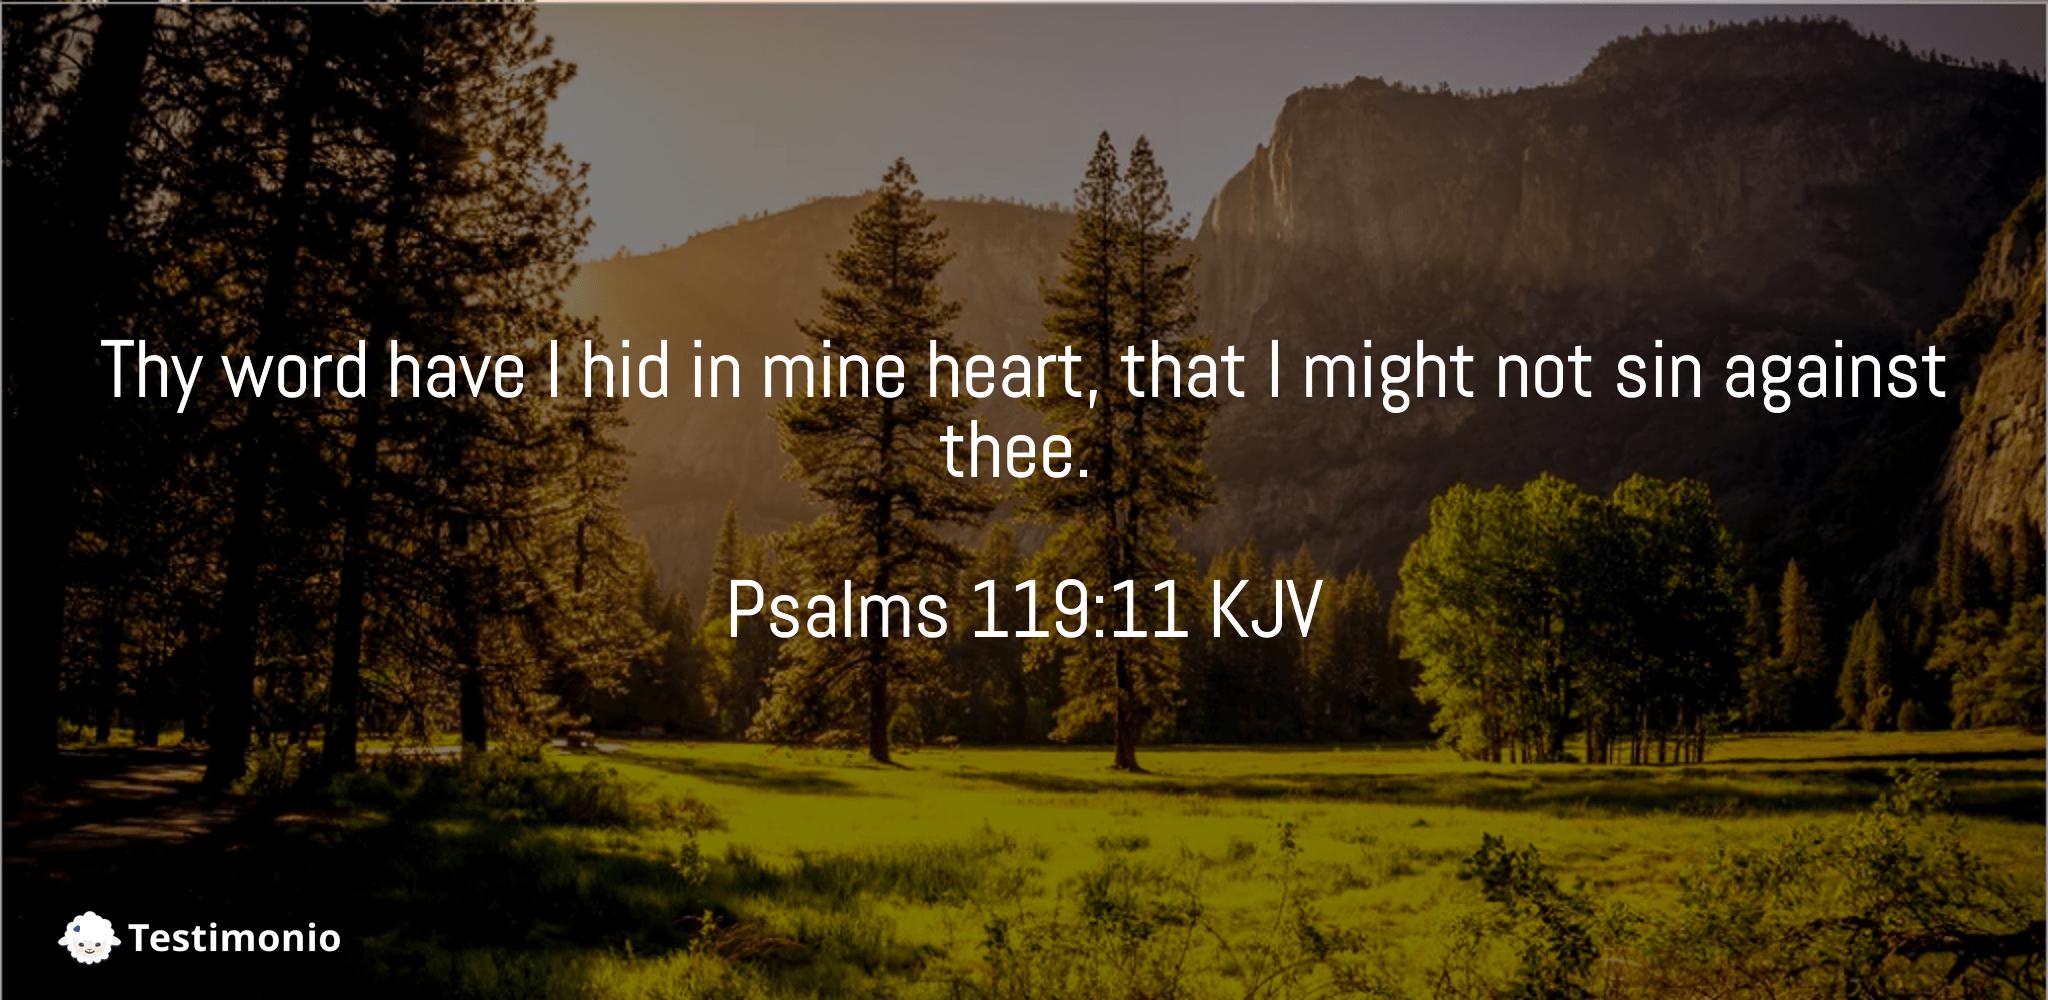 Psalms 119:11